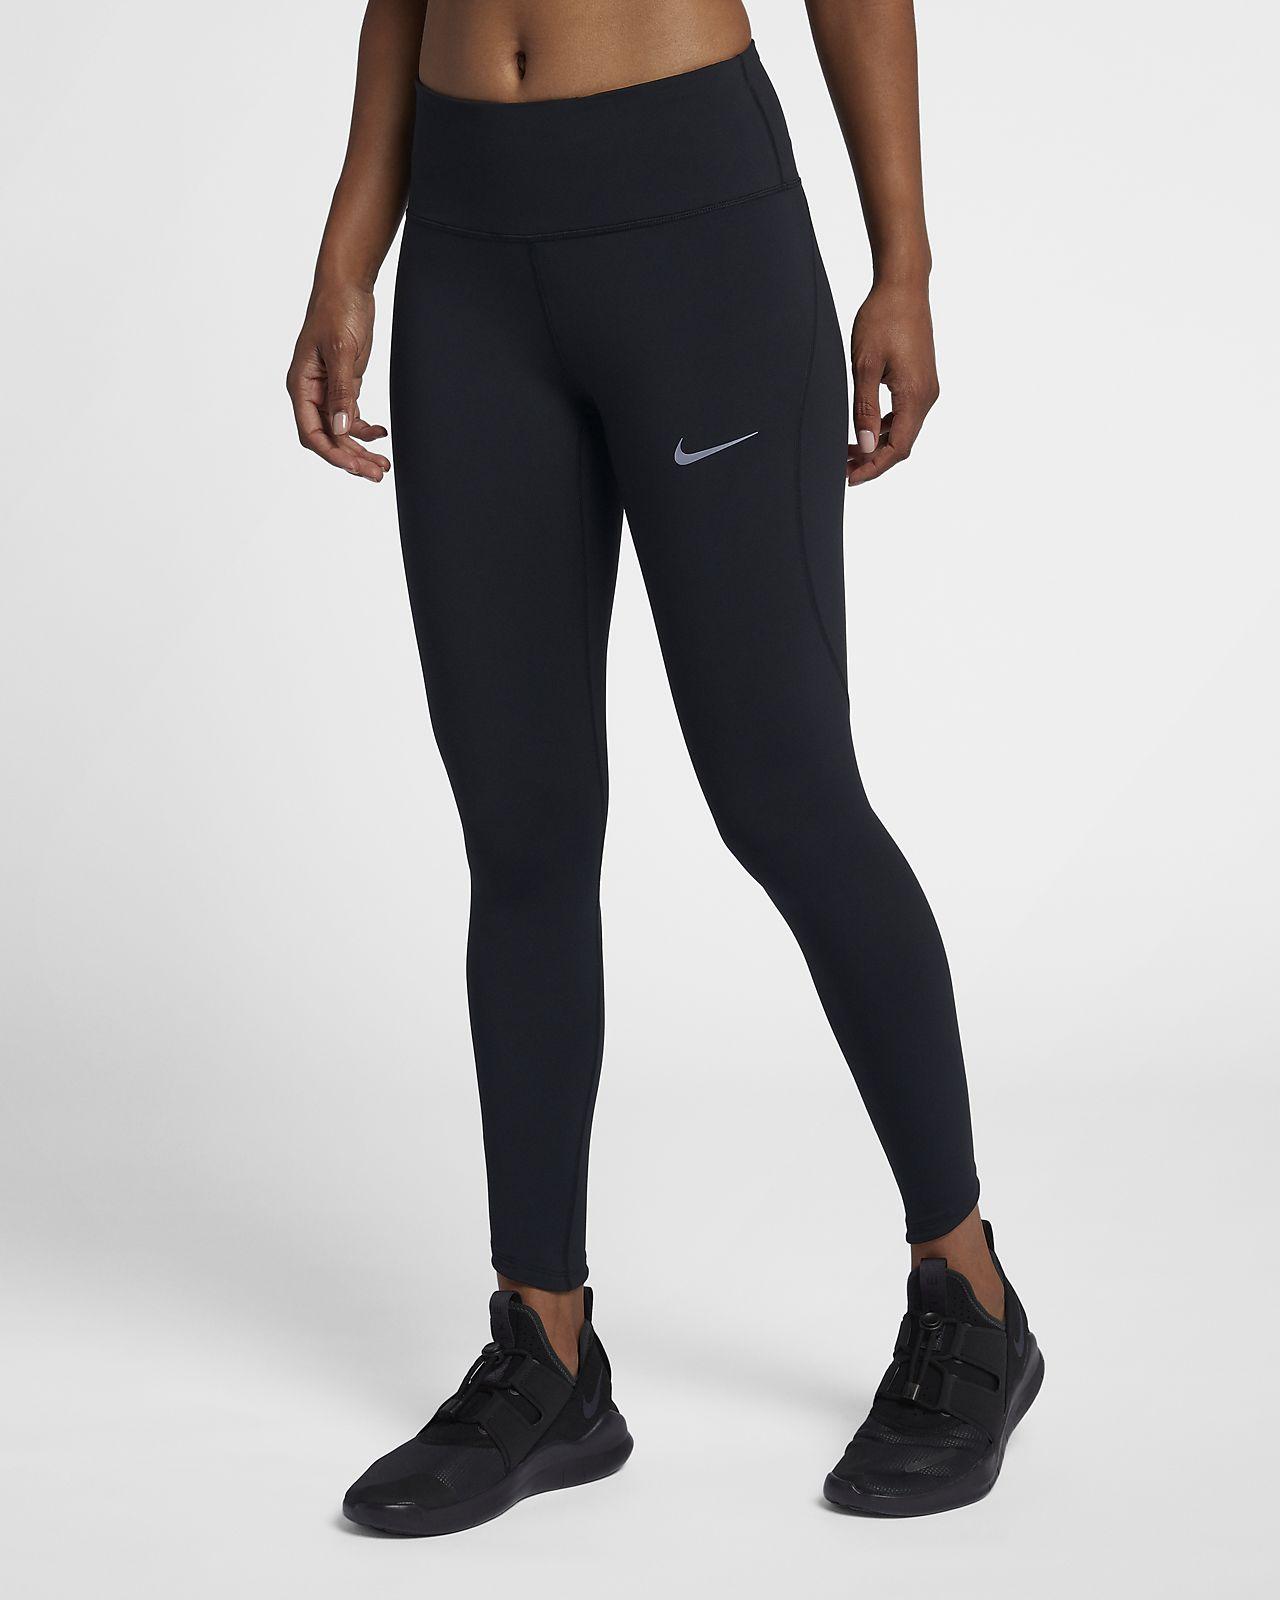 jogging nike femme 7/8